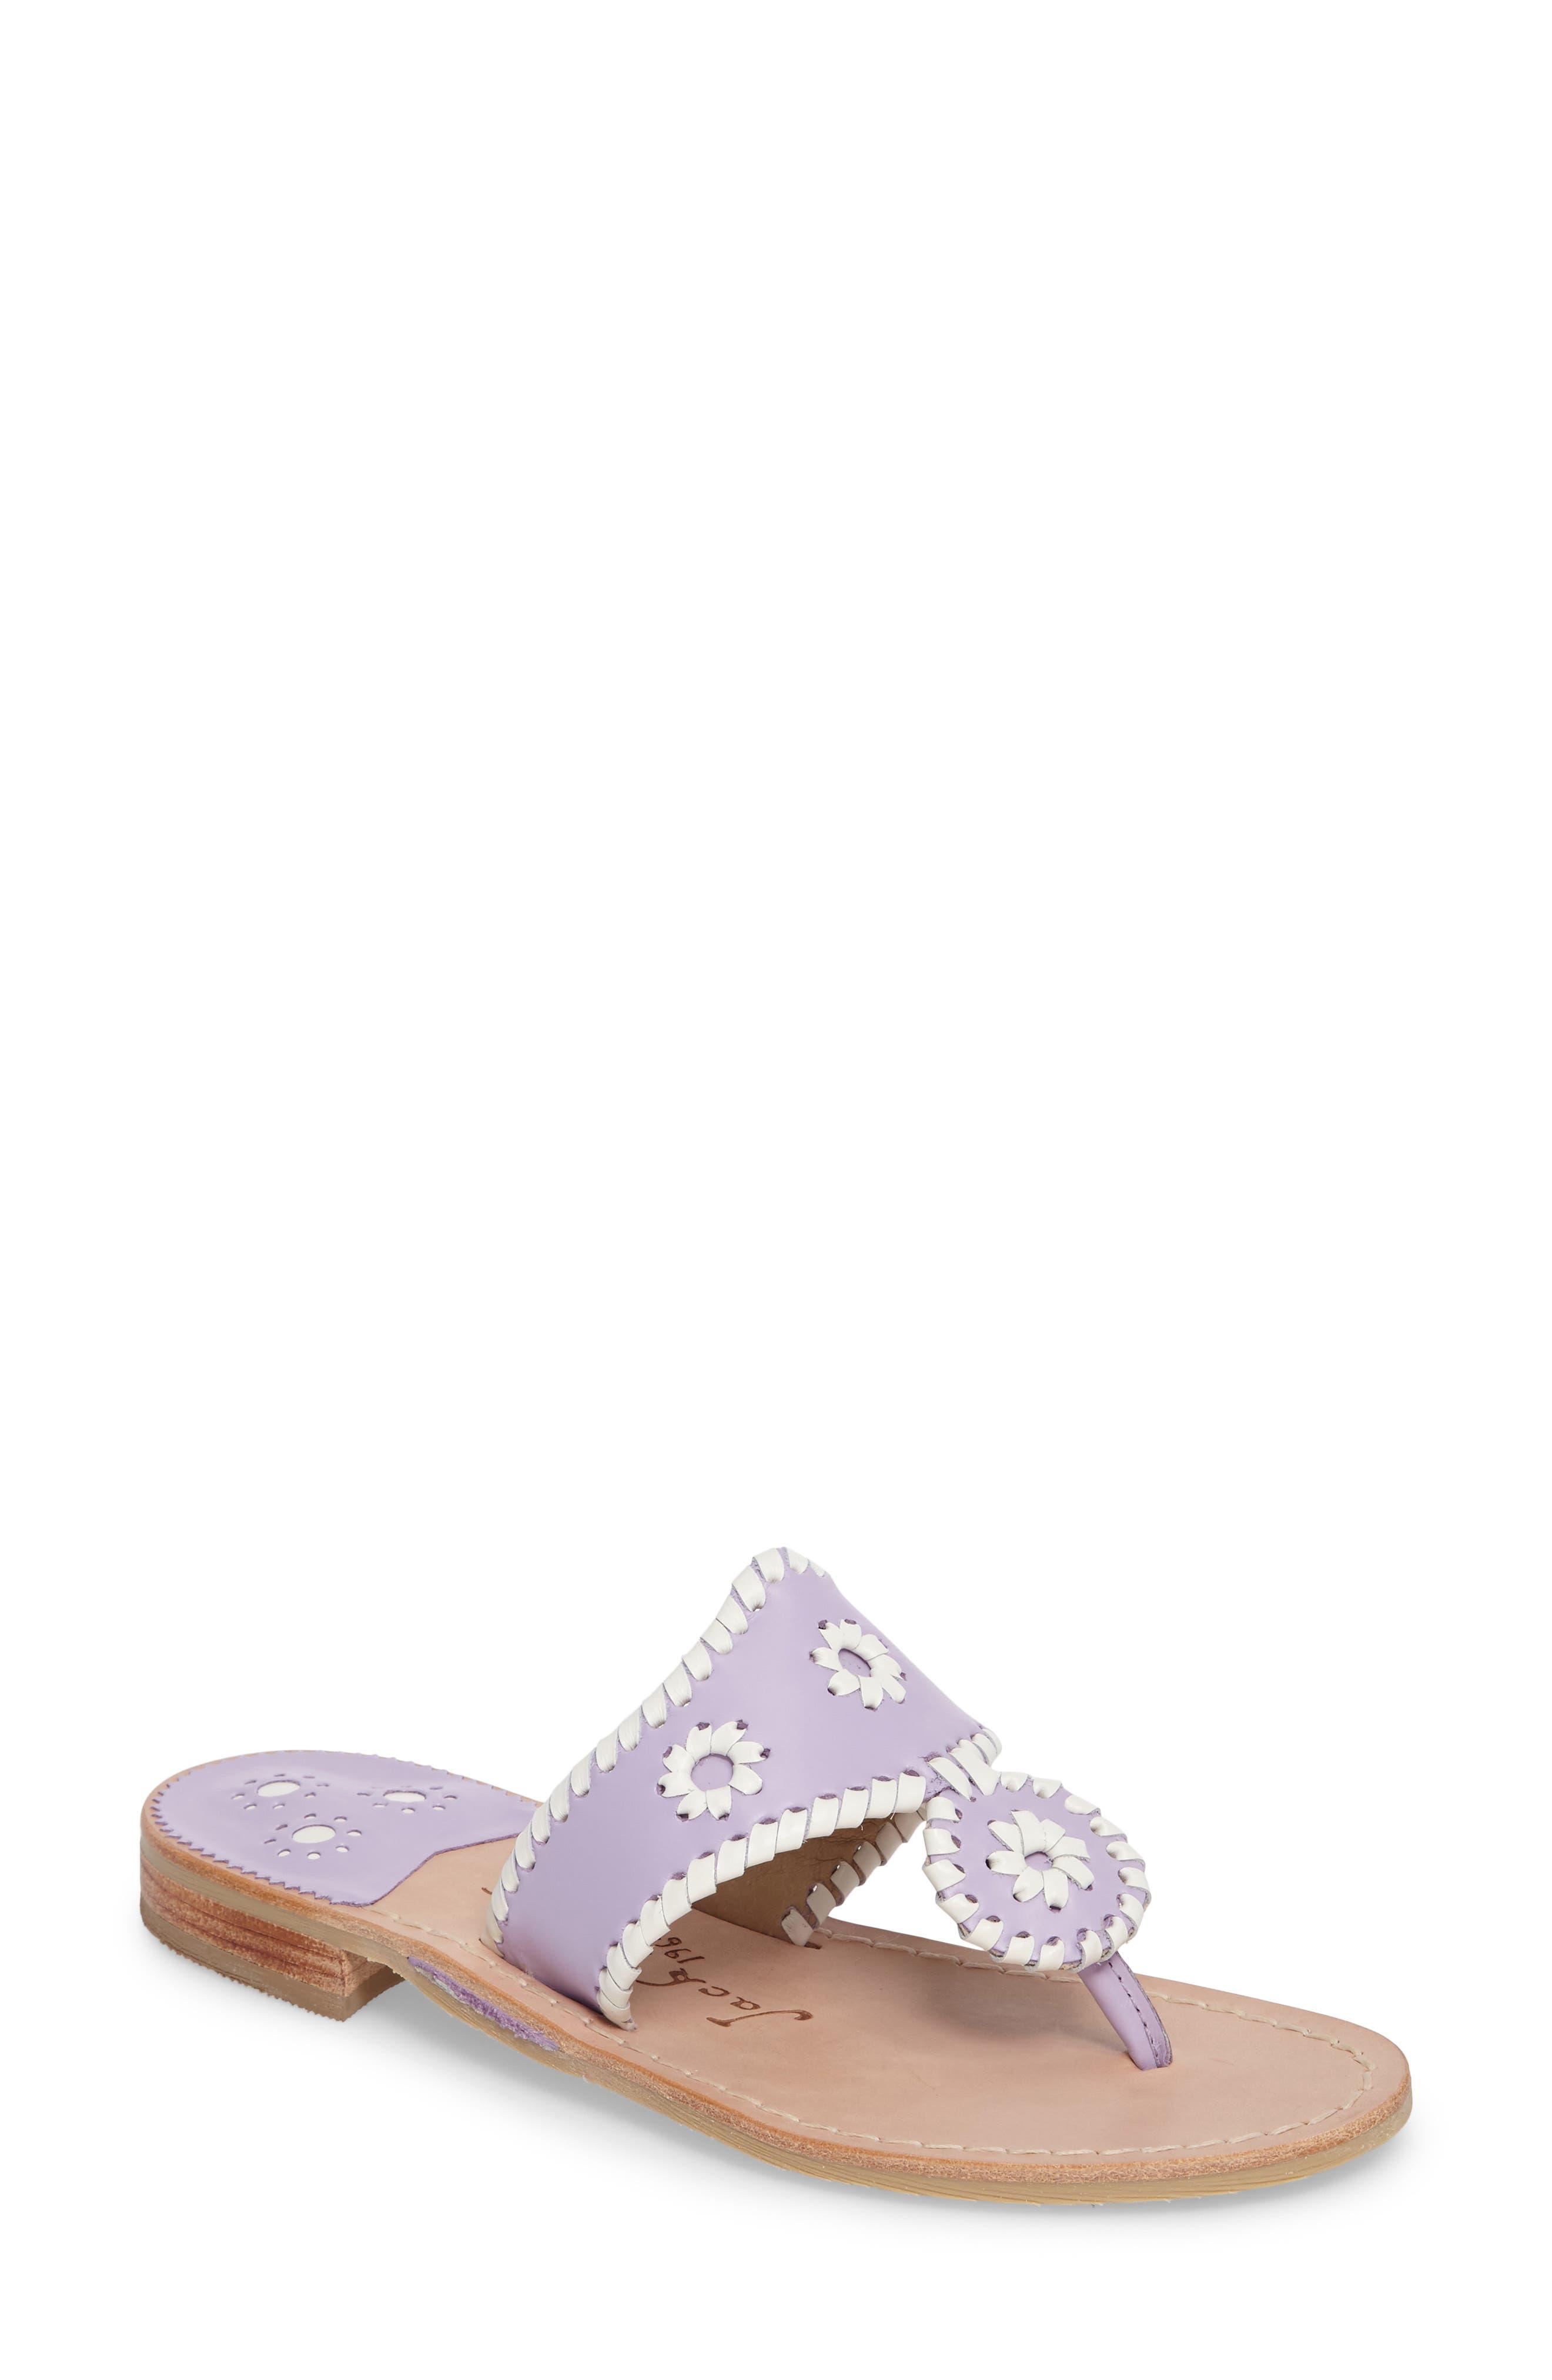 Jack Rogers Pretty In Pastel Sandal (Women)